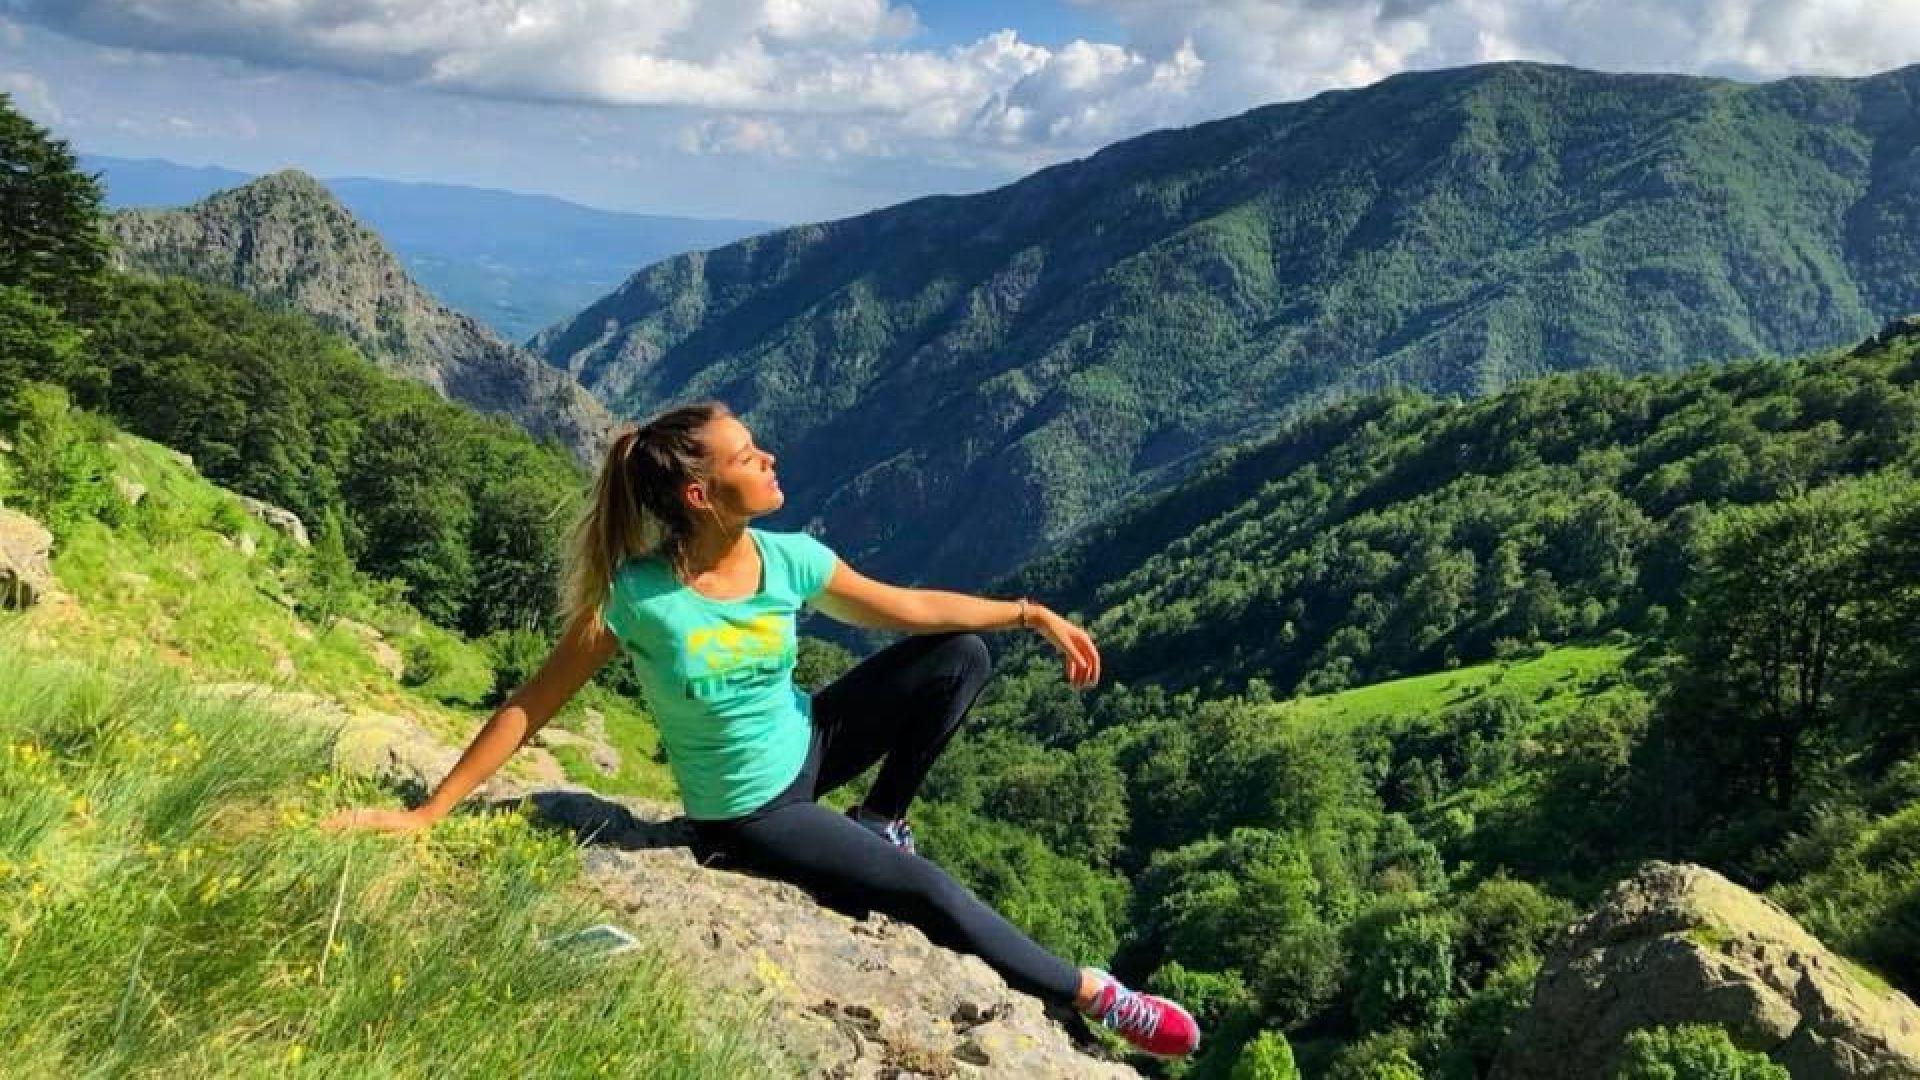 Йоана от X Factor към младите: Не бъдете завистливи, развивайте себе си